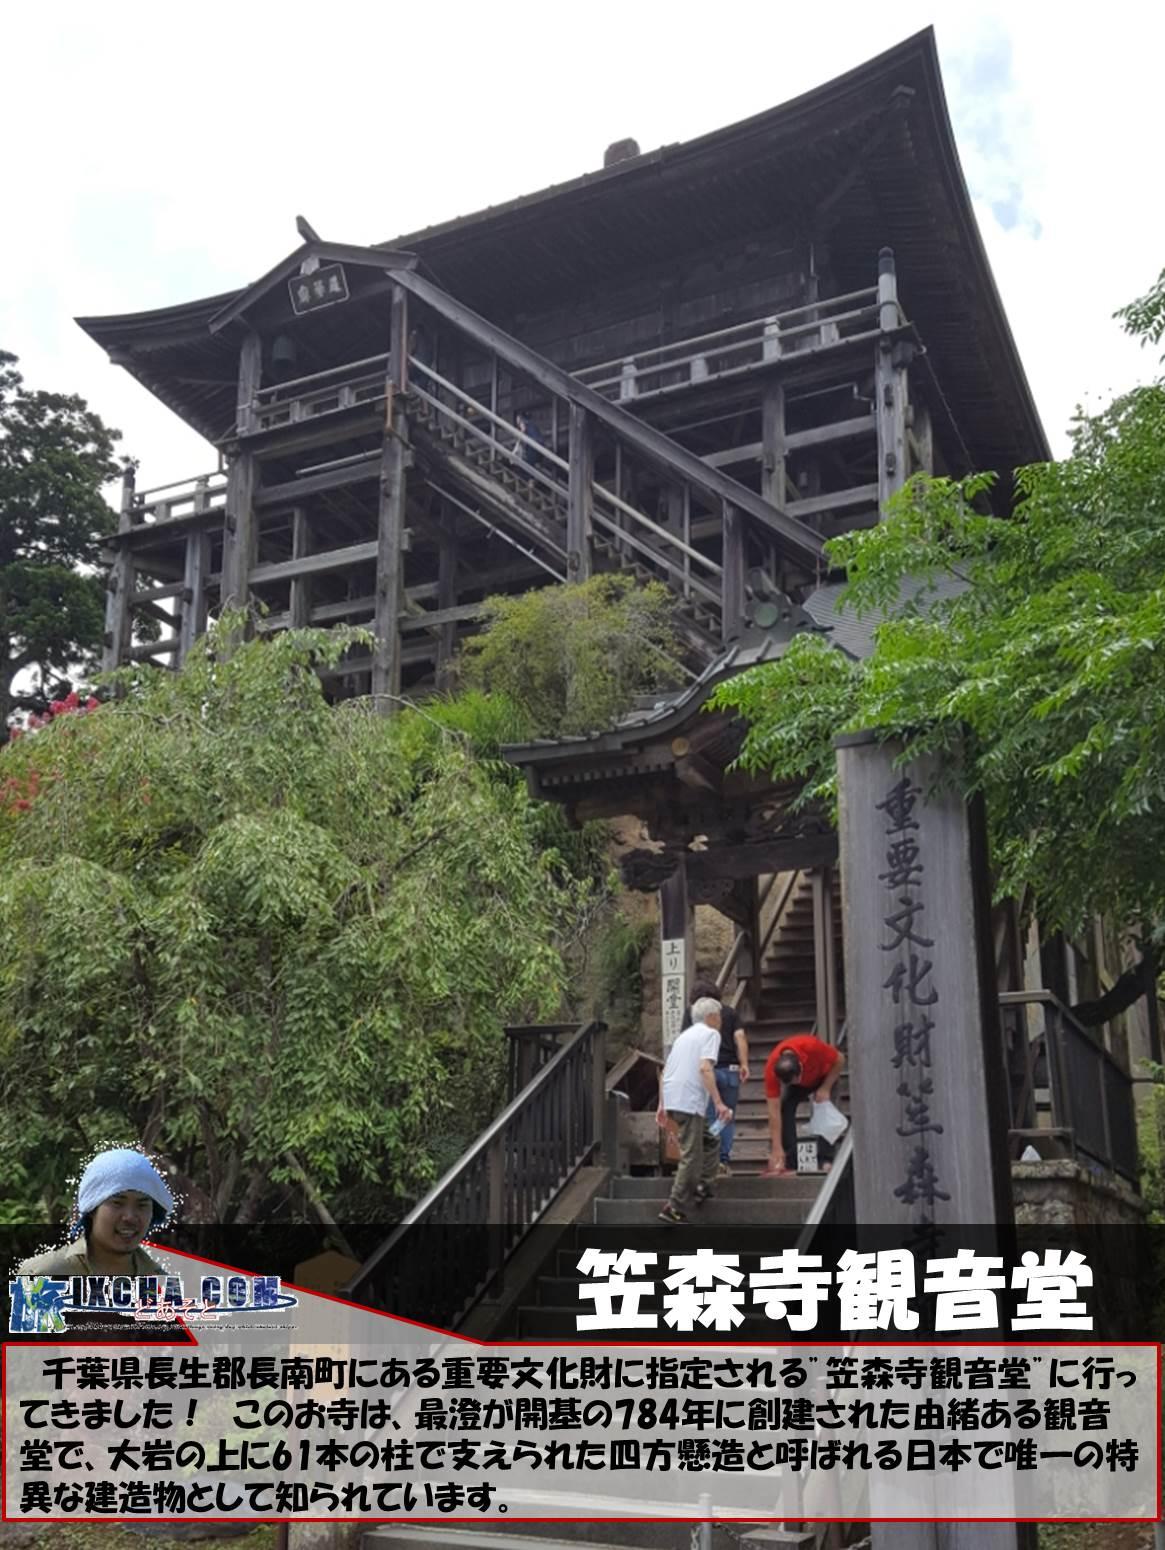 """笠森寺観音堂  千葉県長生郡長南町にある重要文化財に指定される""""笠森寺観音堂""""に行ってきました! このお寺は、最澄が開基の784年に創建された由緒ある観音堂で、大岩の上に61本の柱で支えられた四方懸造と呼ばれる日本で唯一の特異な建造物として知られています。"""